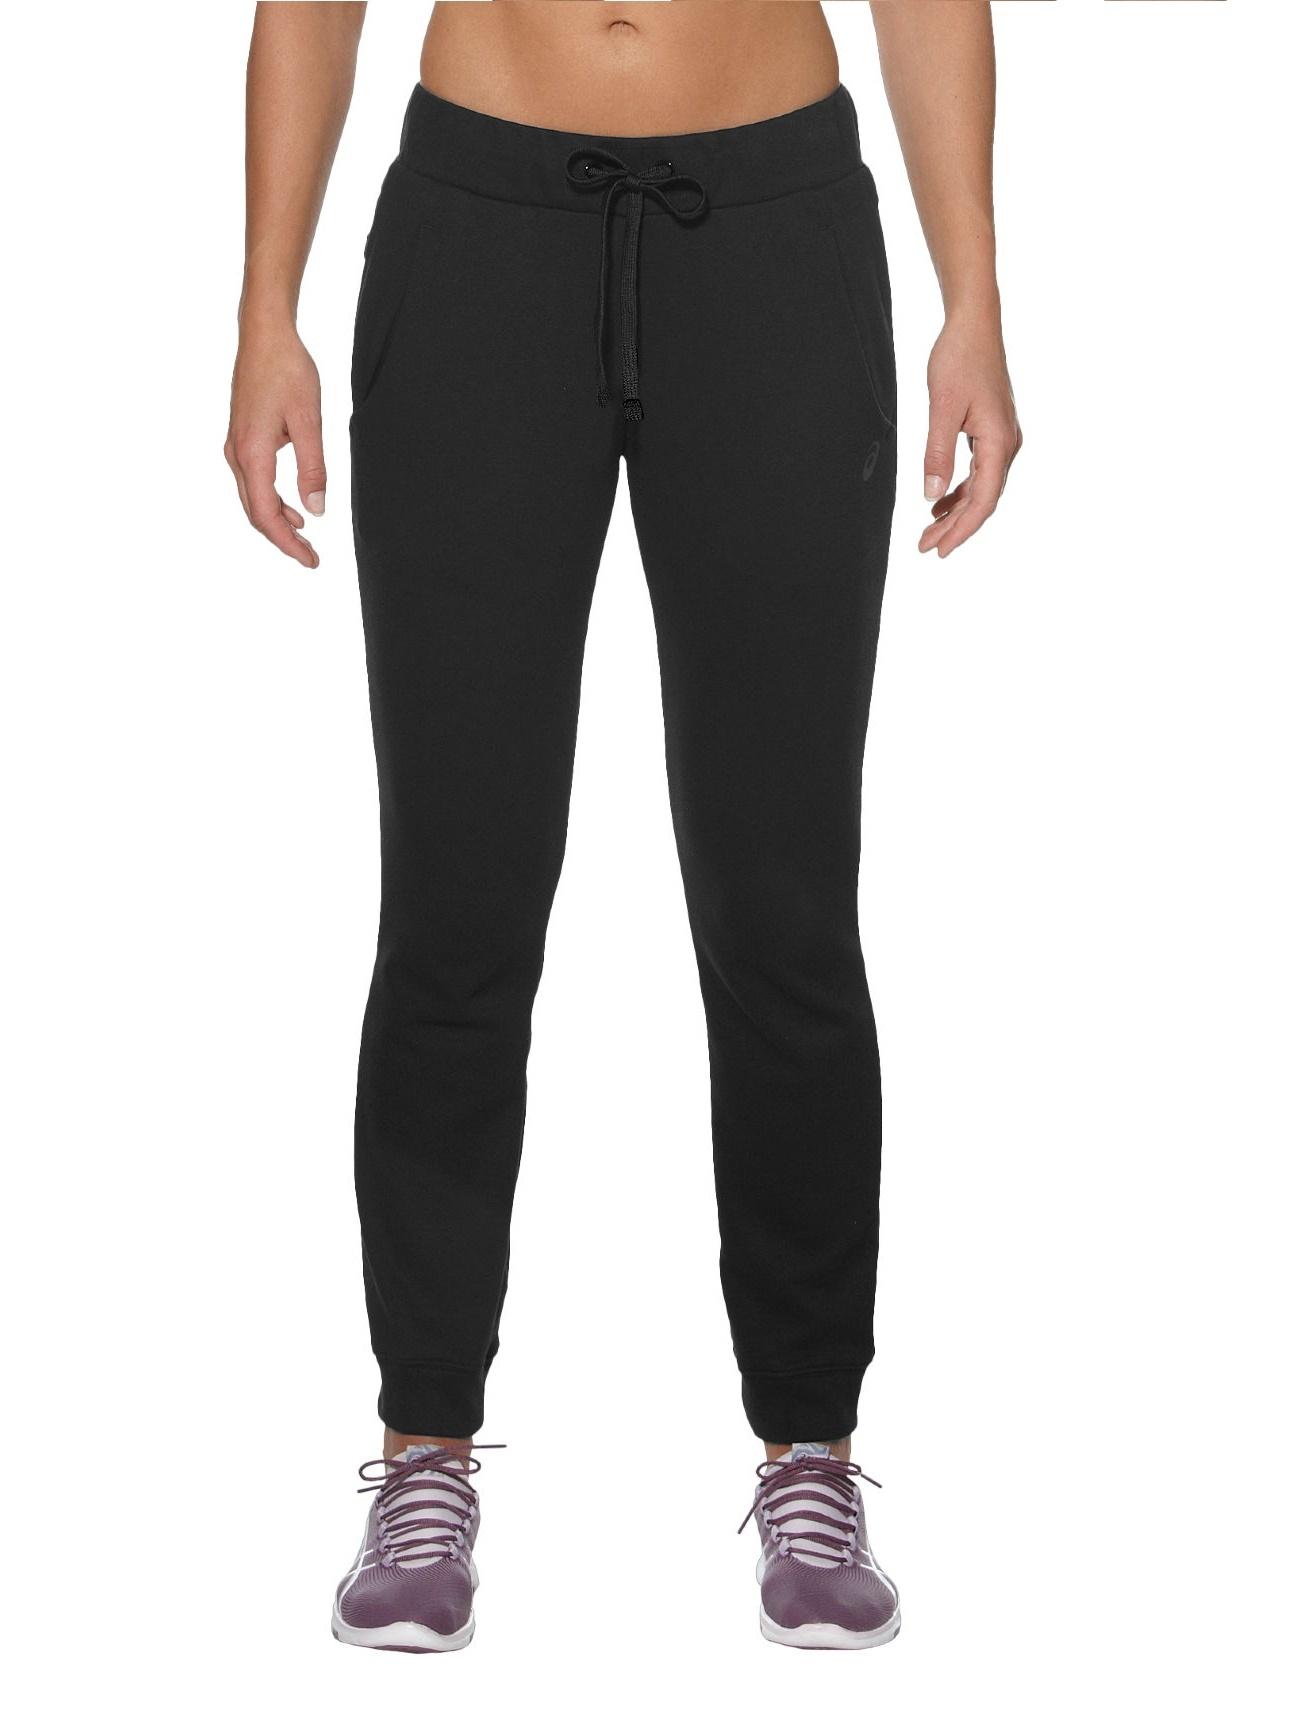 Женские тренировочные штаны Asics Knit Pant (130517 0904) черные фото